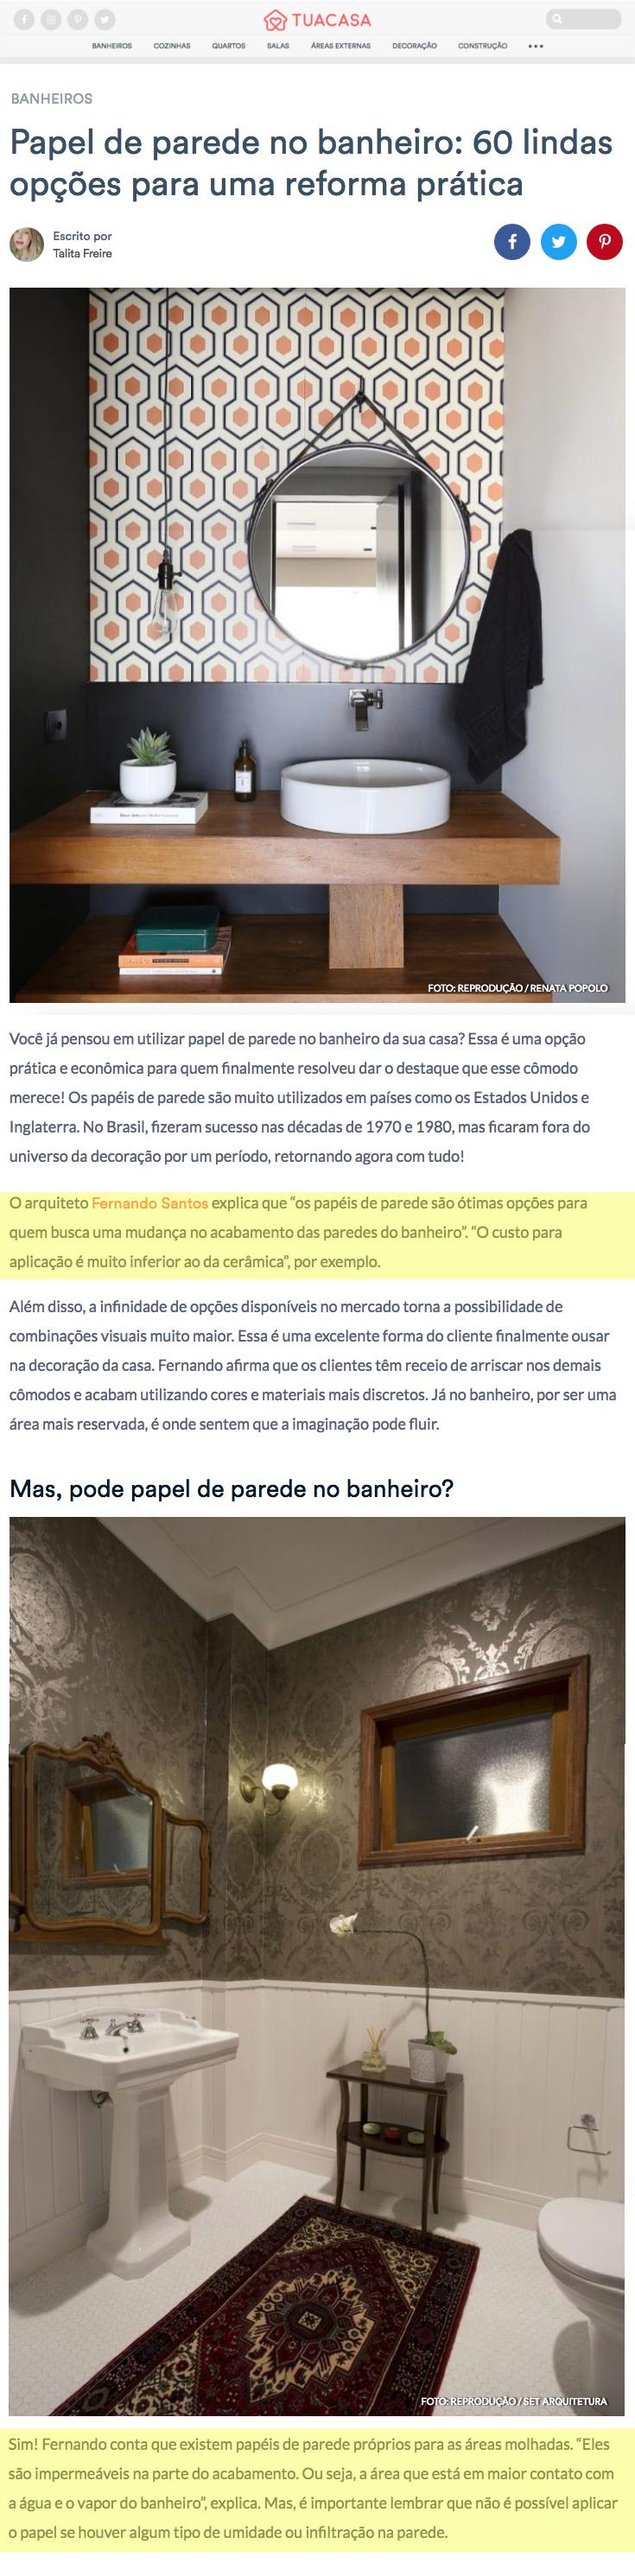 Portal Tua Casa – matéria Papel de parede no banheiro: 60 lindas opções para uma reforma prática